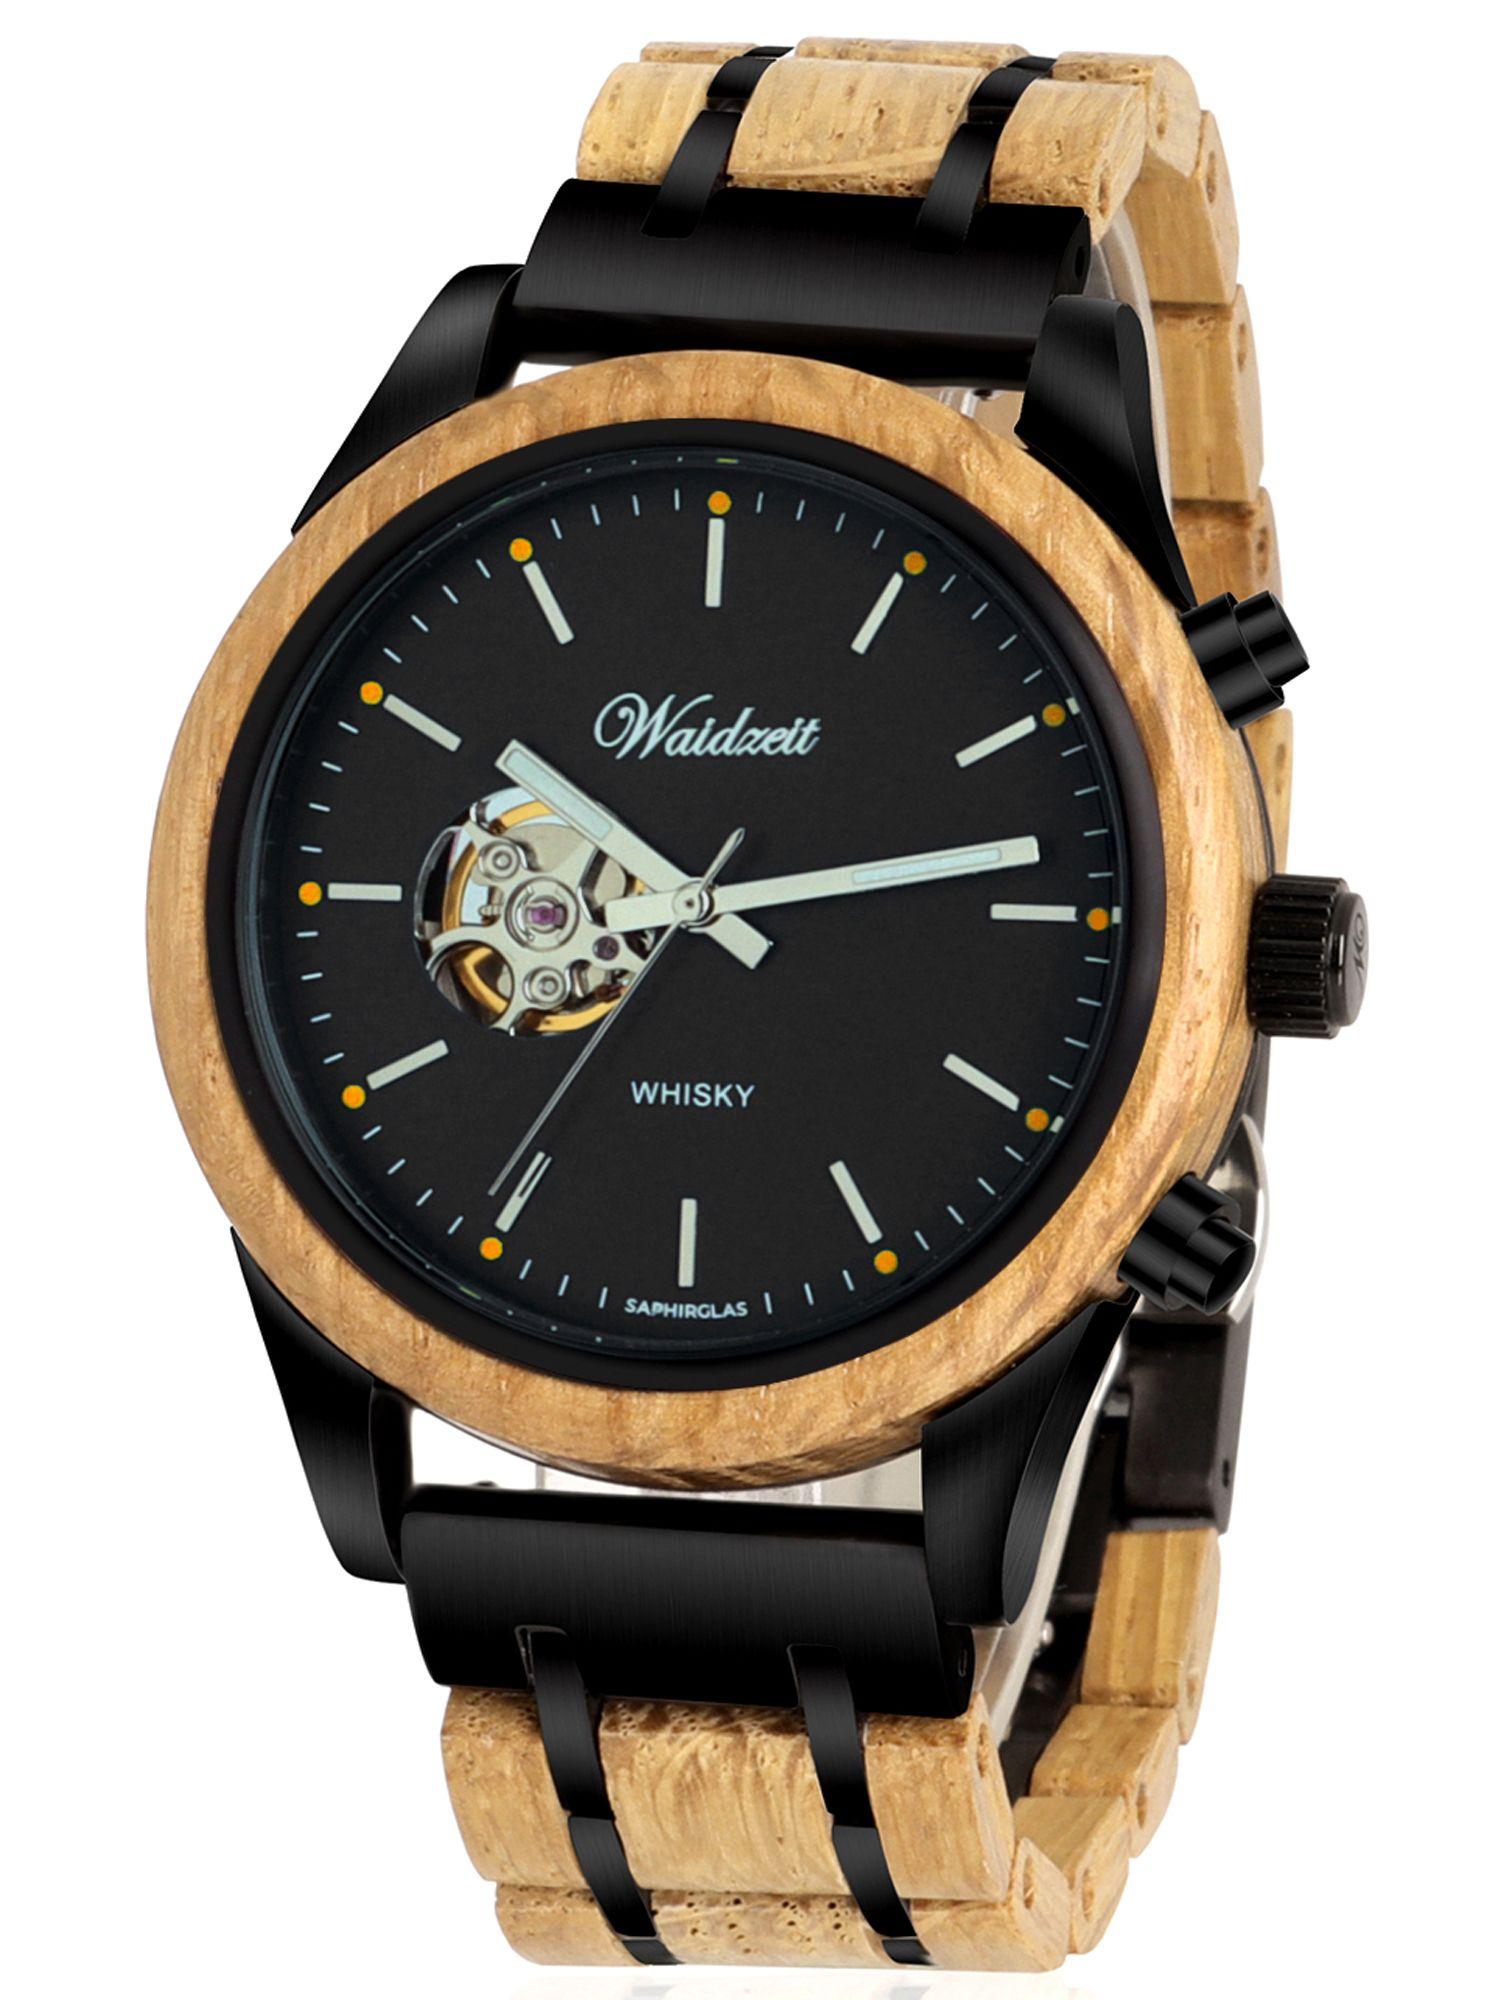 Waidzeit WB01 Whisky Automatik Uhr Herrenuhr Holz braun